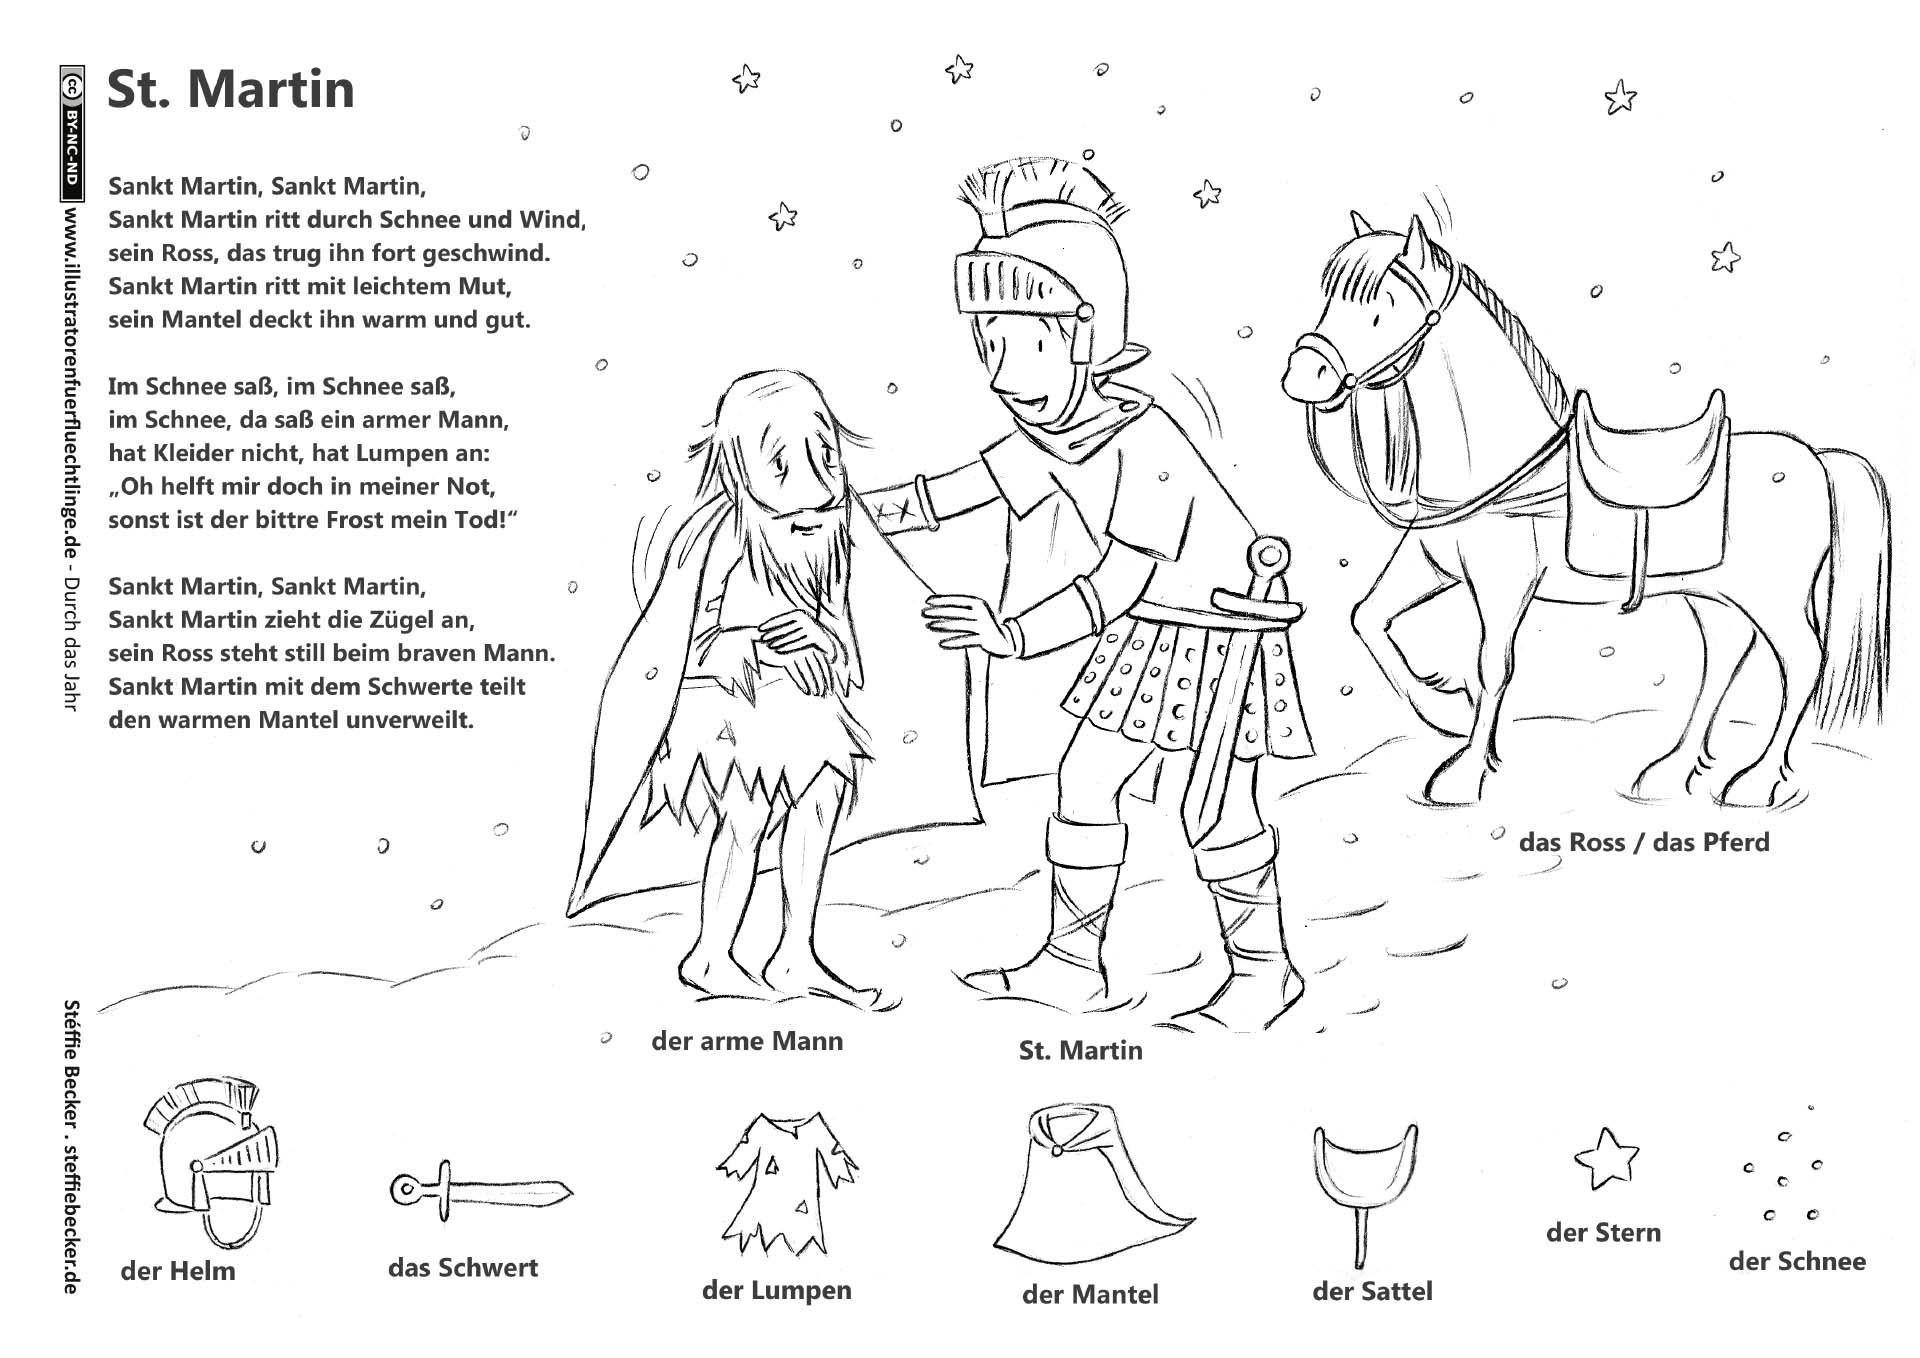 Malvorlage St Martin Genial Download Als Pdf Durch Das Jahr – Sankt Martin Legende Lied Genial Bild